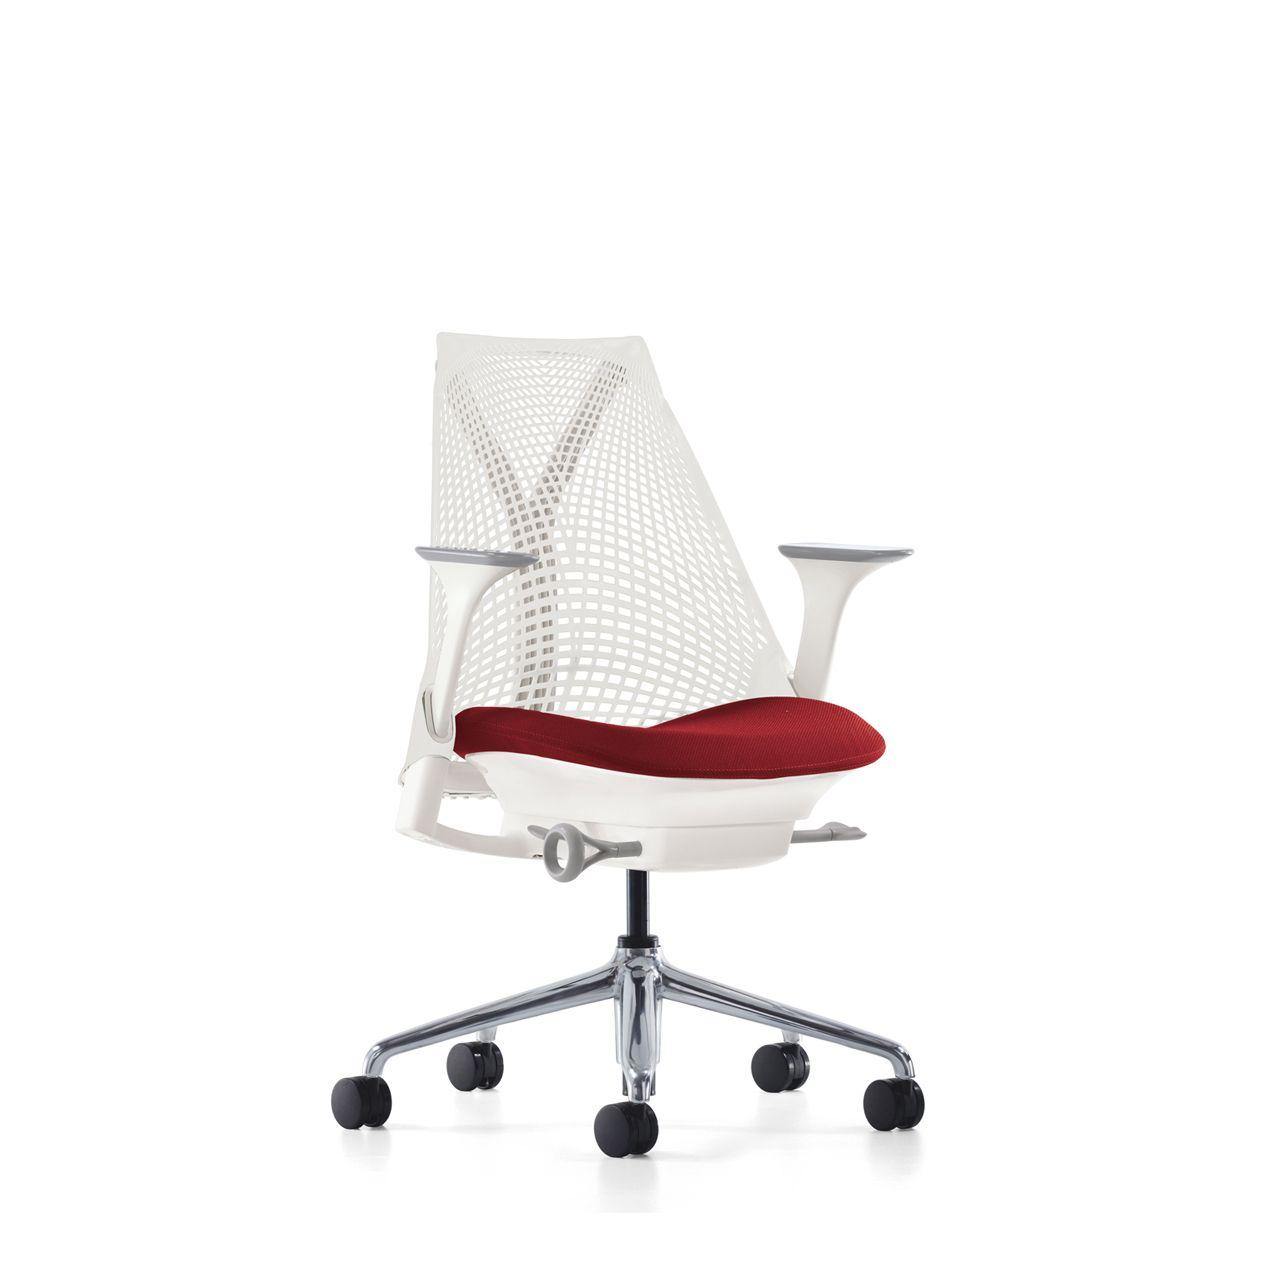 Cool Herman Miller Sayl Ergonomische Bureaustoel Health2Work Pabps2019 Chair Design Images Pabps2019Com